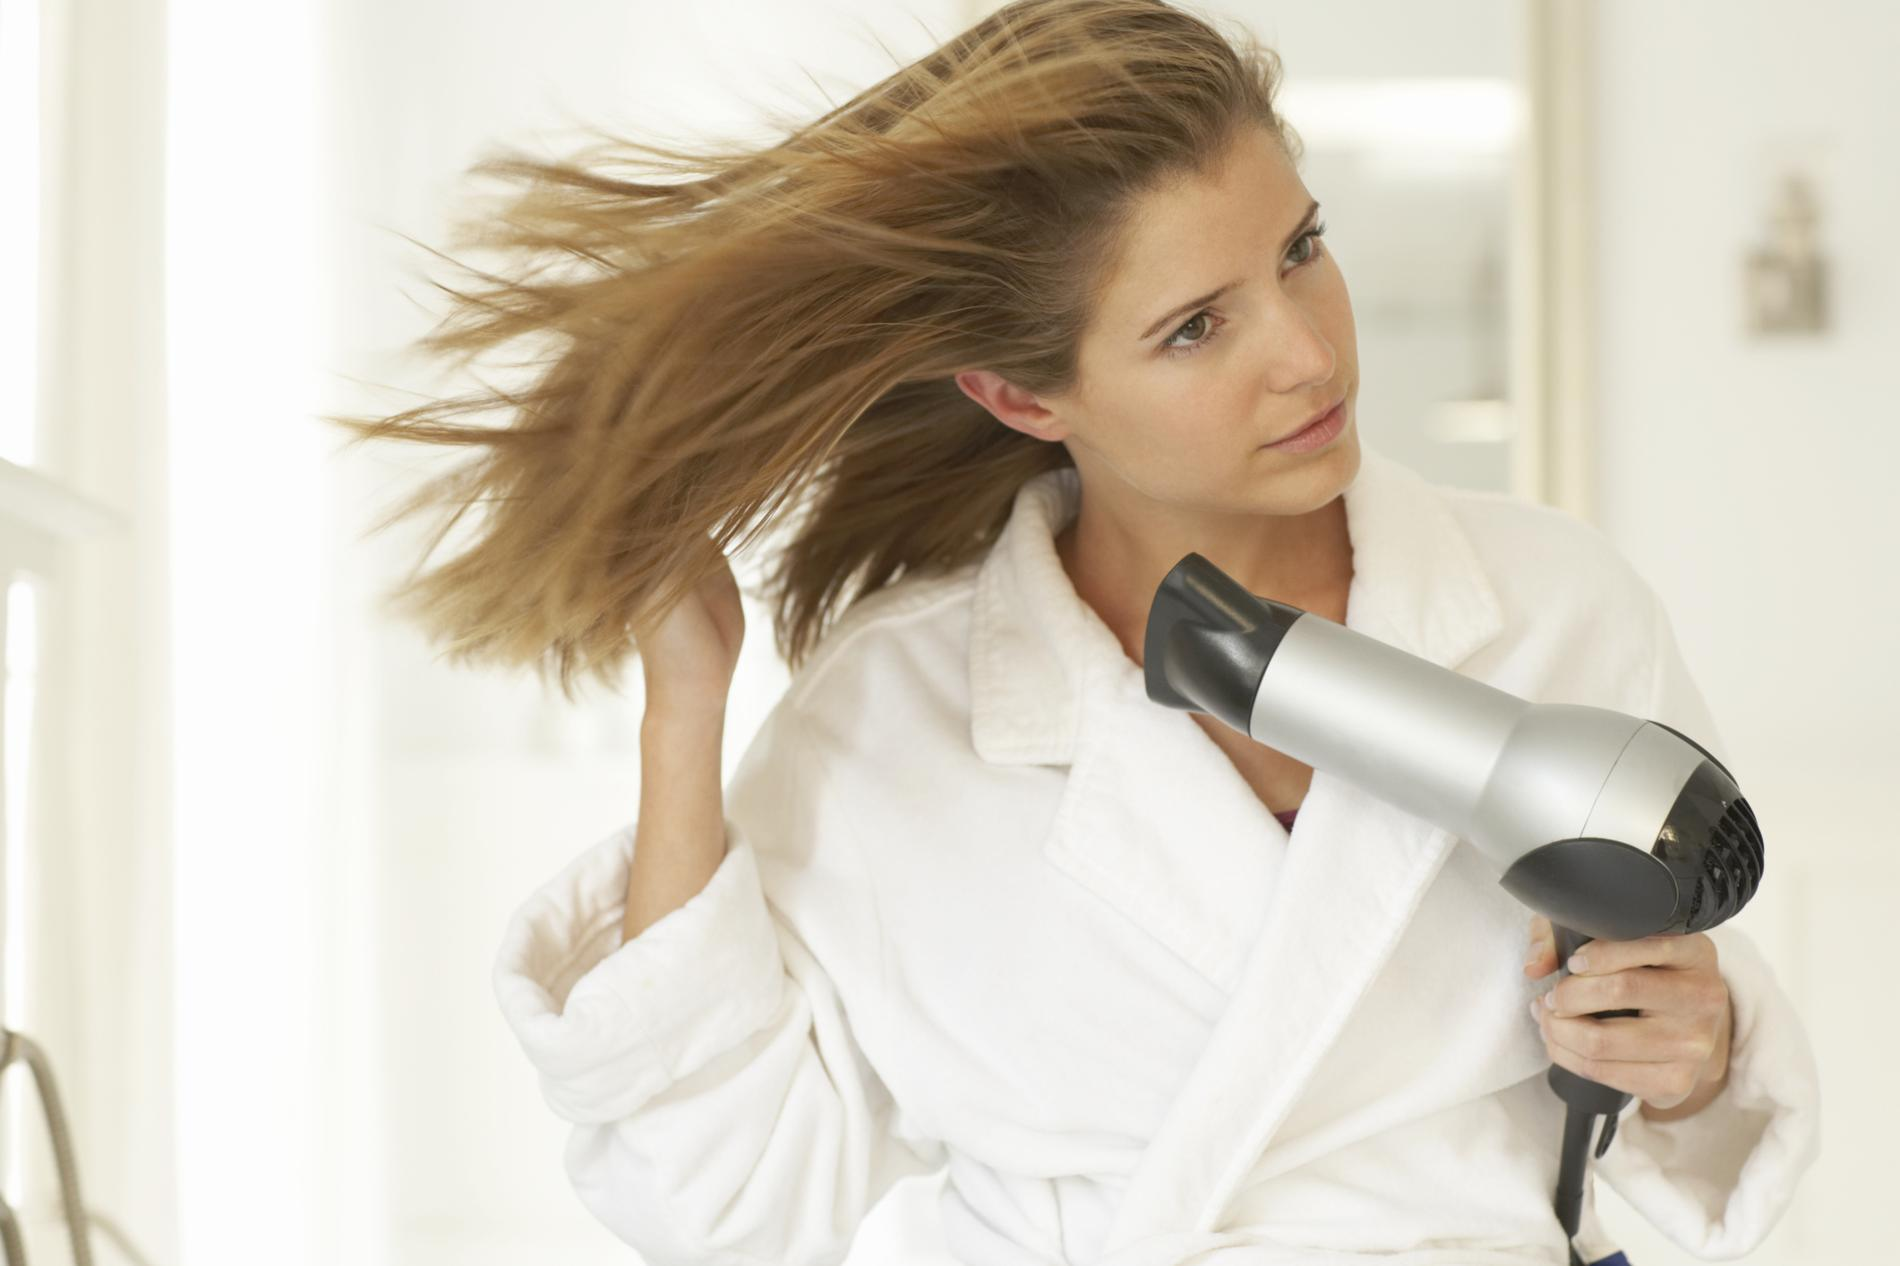 Comment bien choisir son sèche cheveux ? Madame Figaro